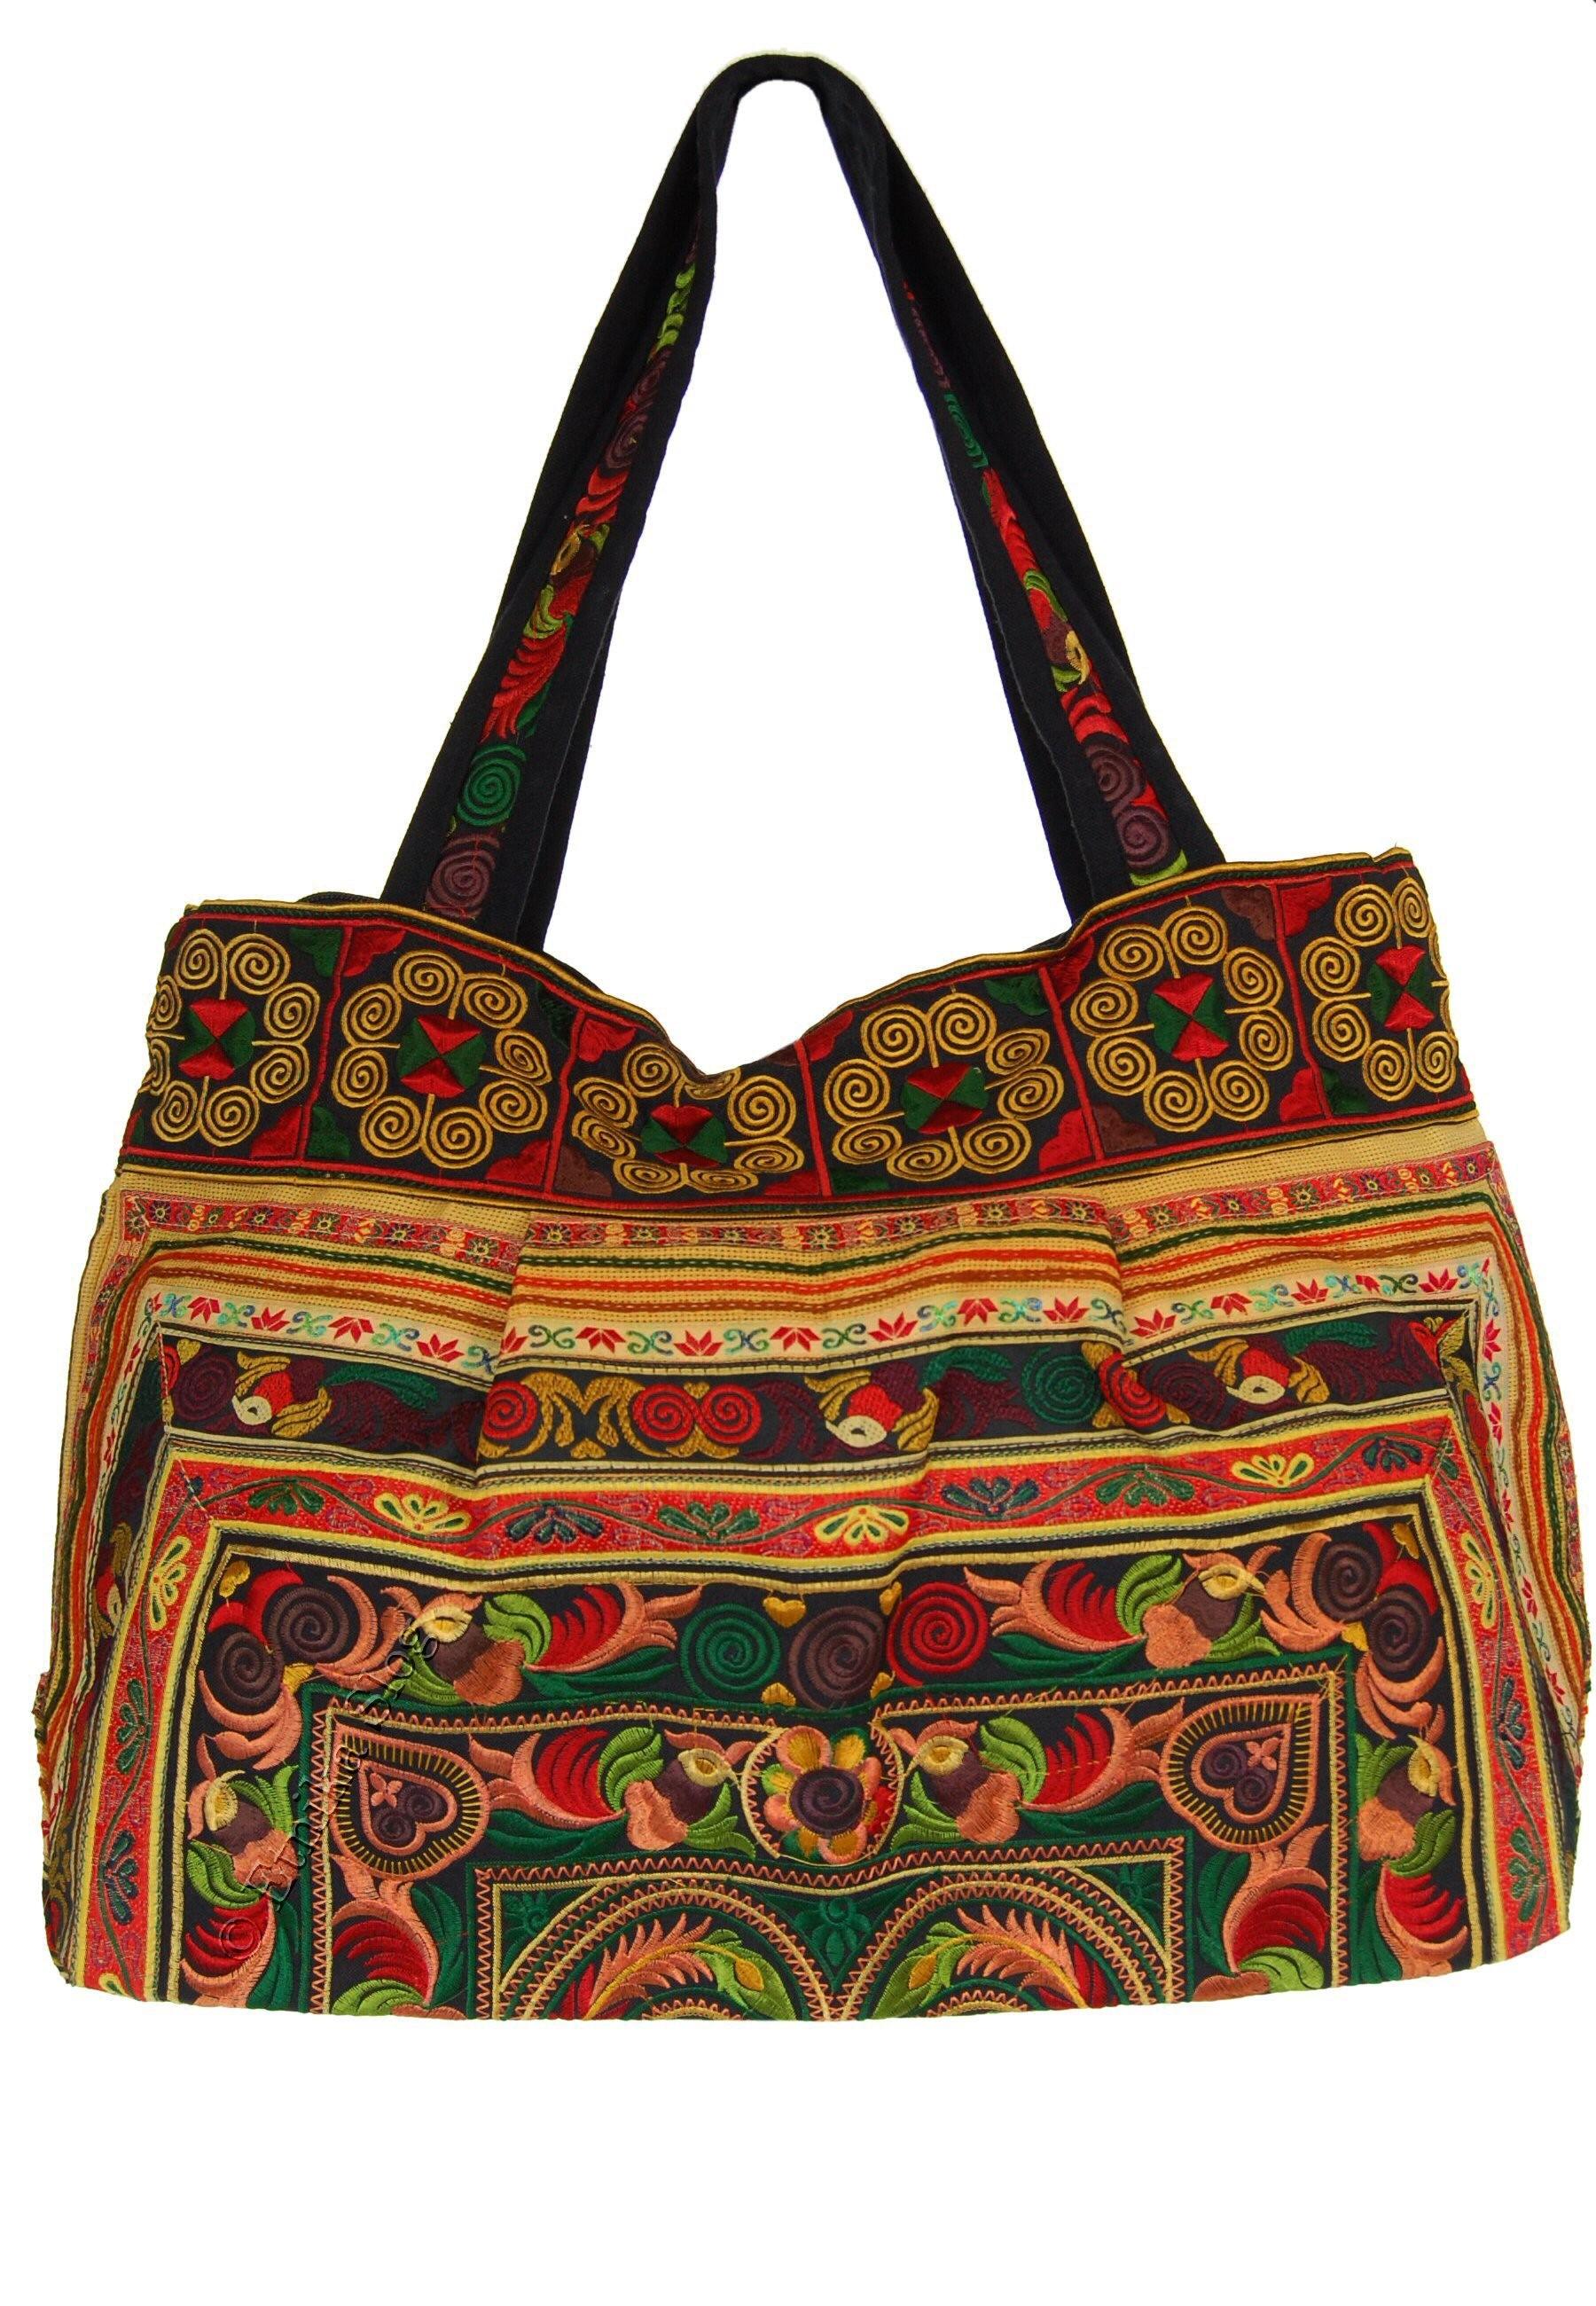 SHOULDER BAGS BS-THD11-03 - Oriente Import S.r.l.